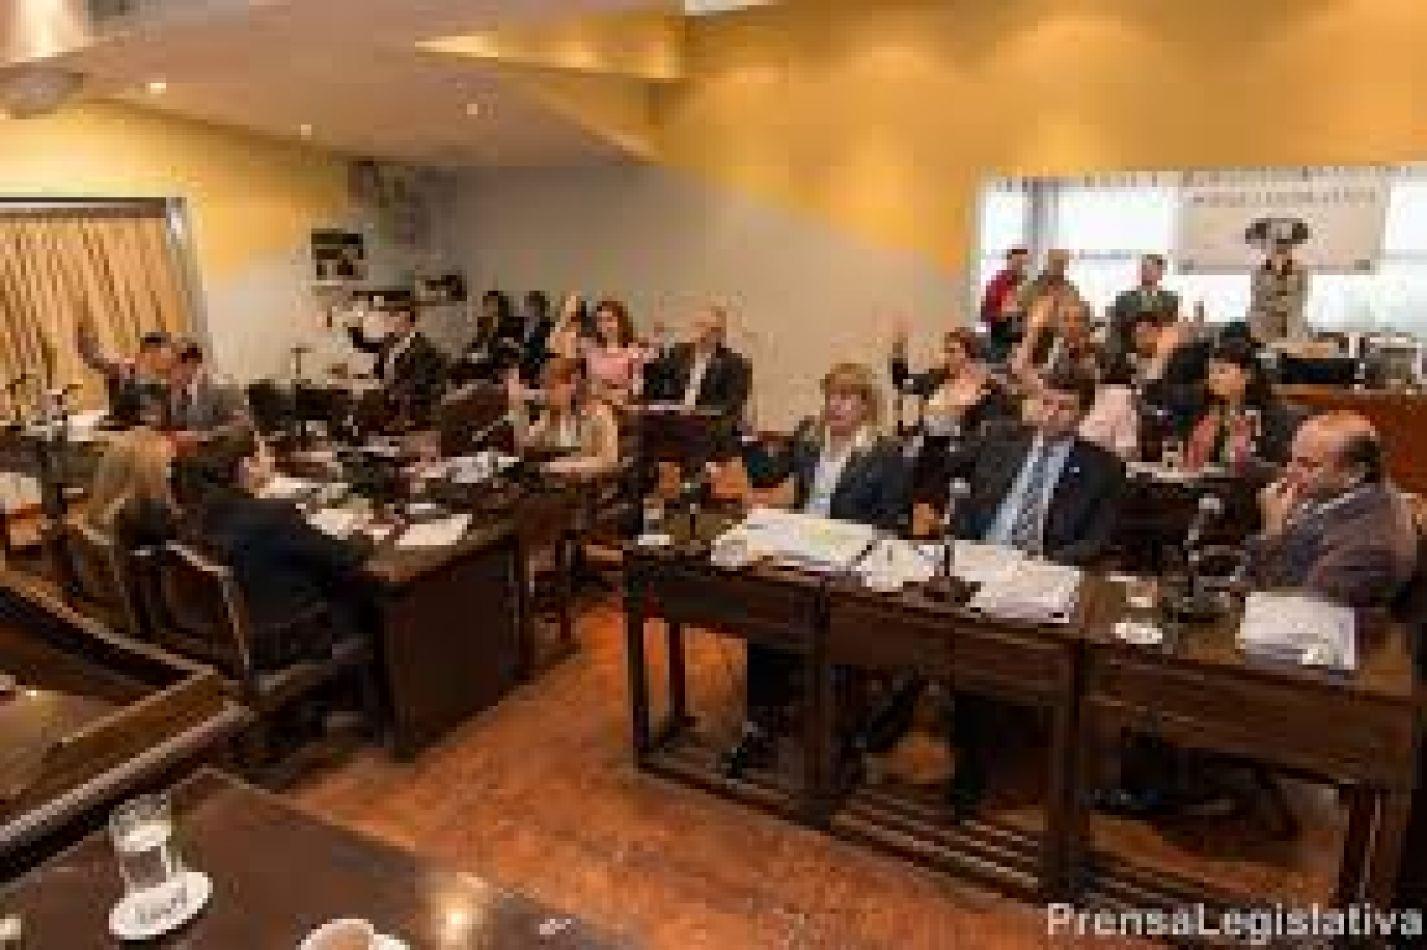 Reunión de Comisión Legislación en la ciudad de Río Grande